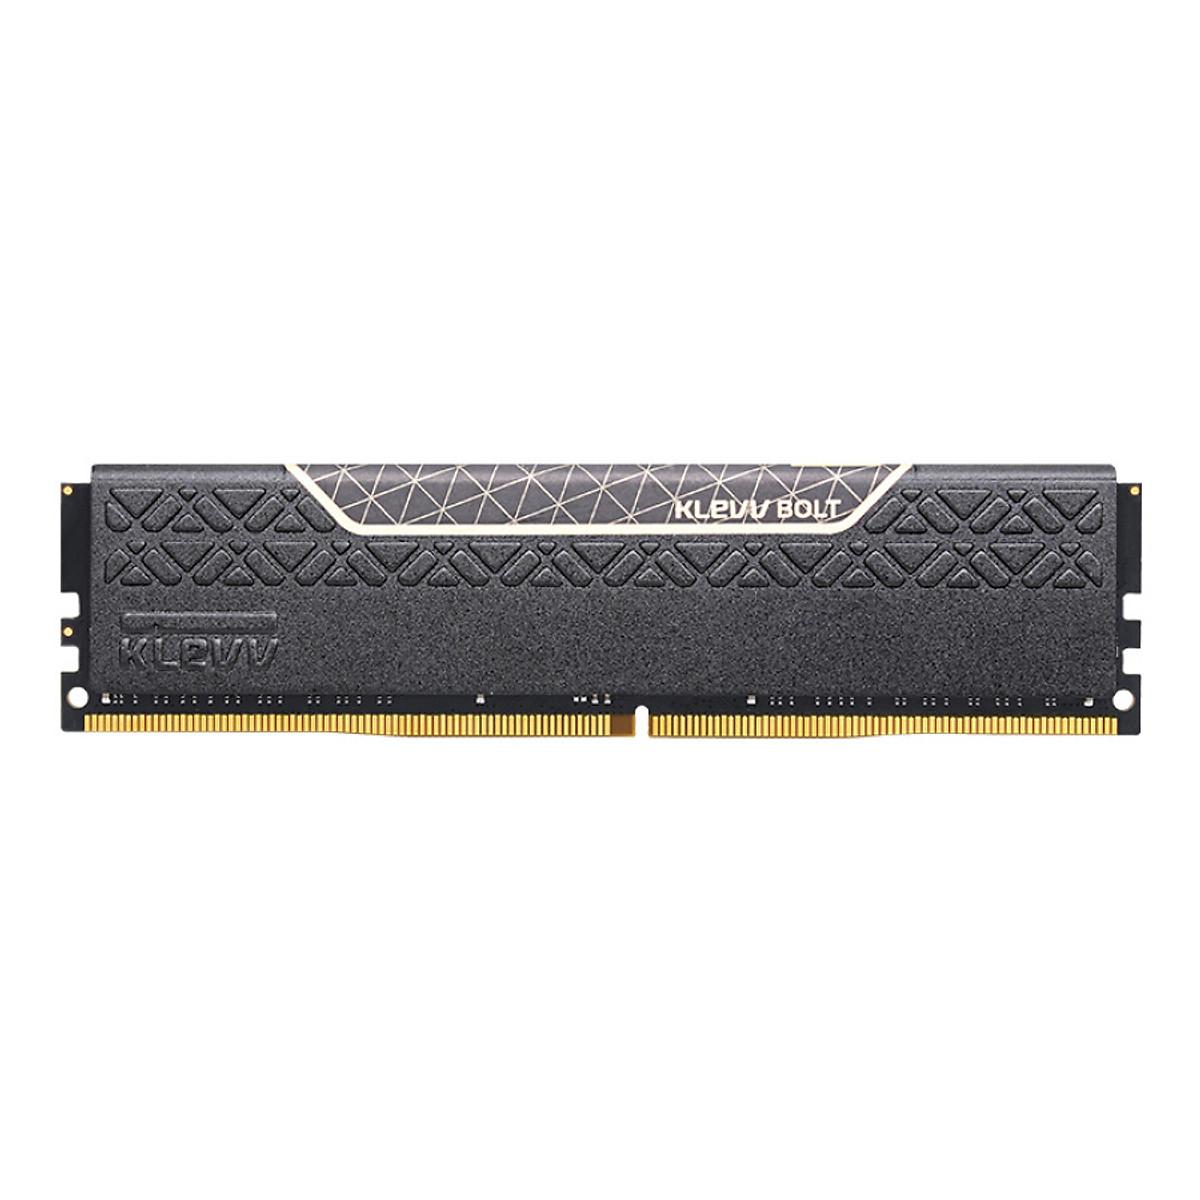 Hình đại diện sản phẩm Bộ Nhớ KLEVV BOLT DDR4 2400 8GB